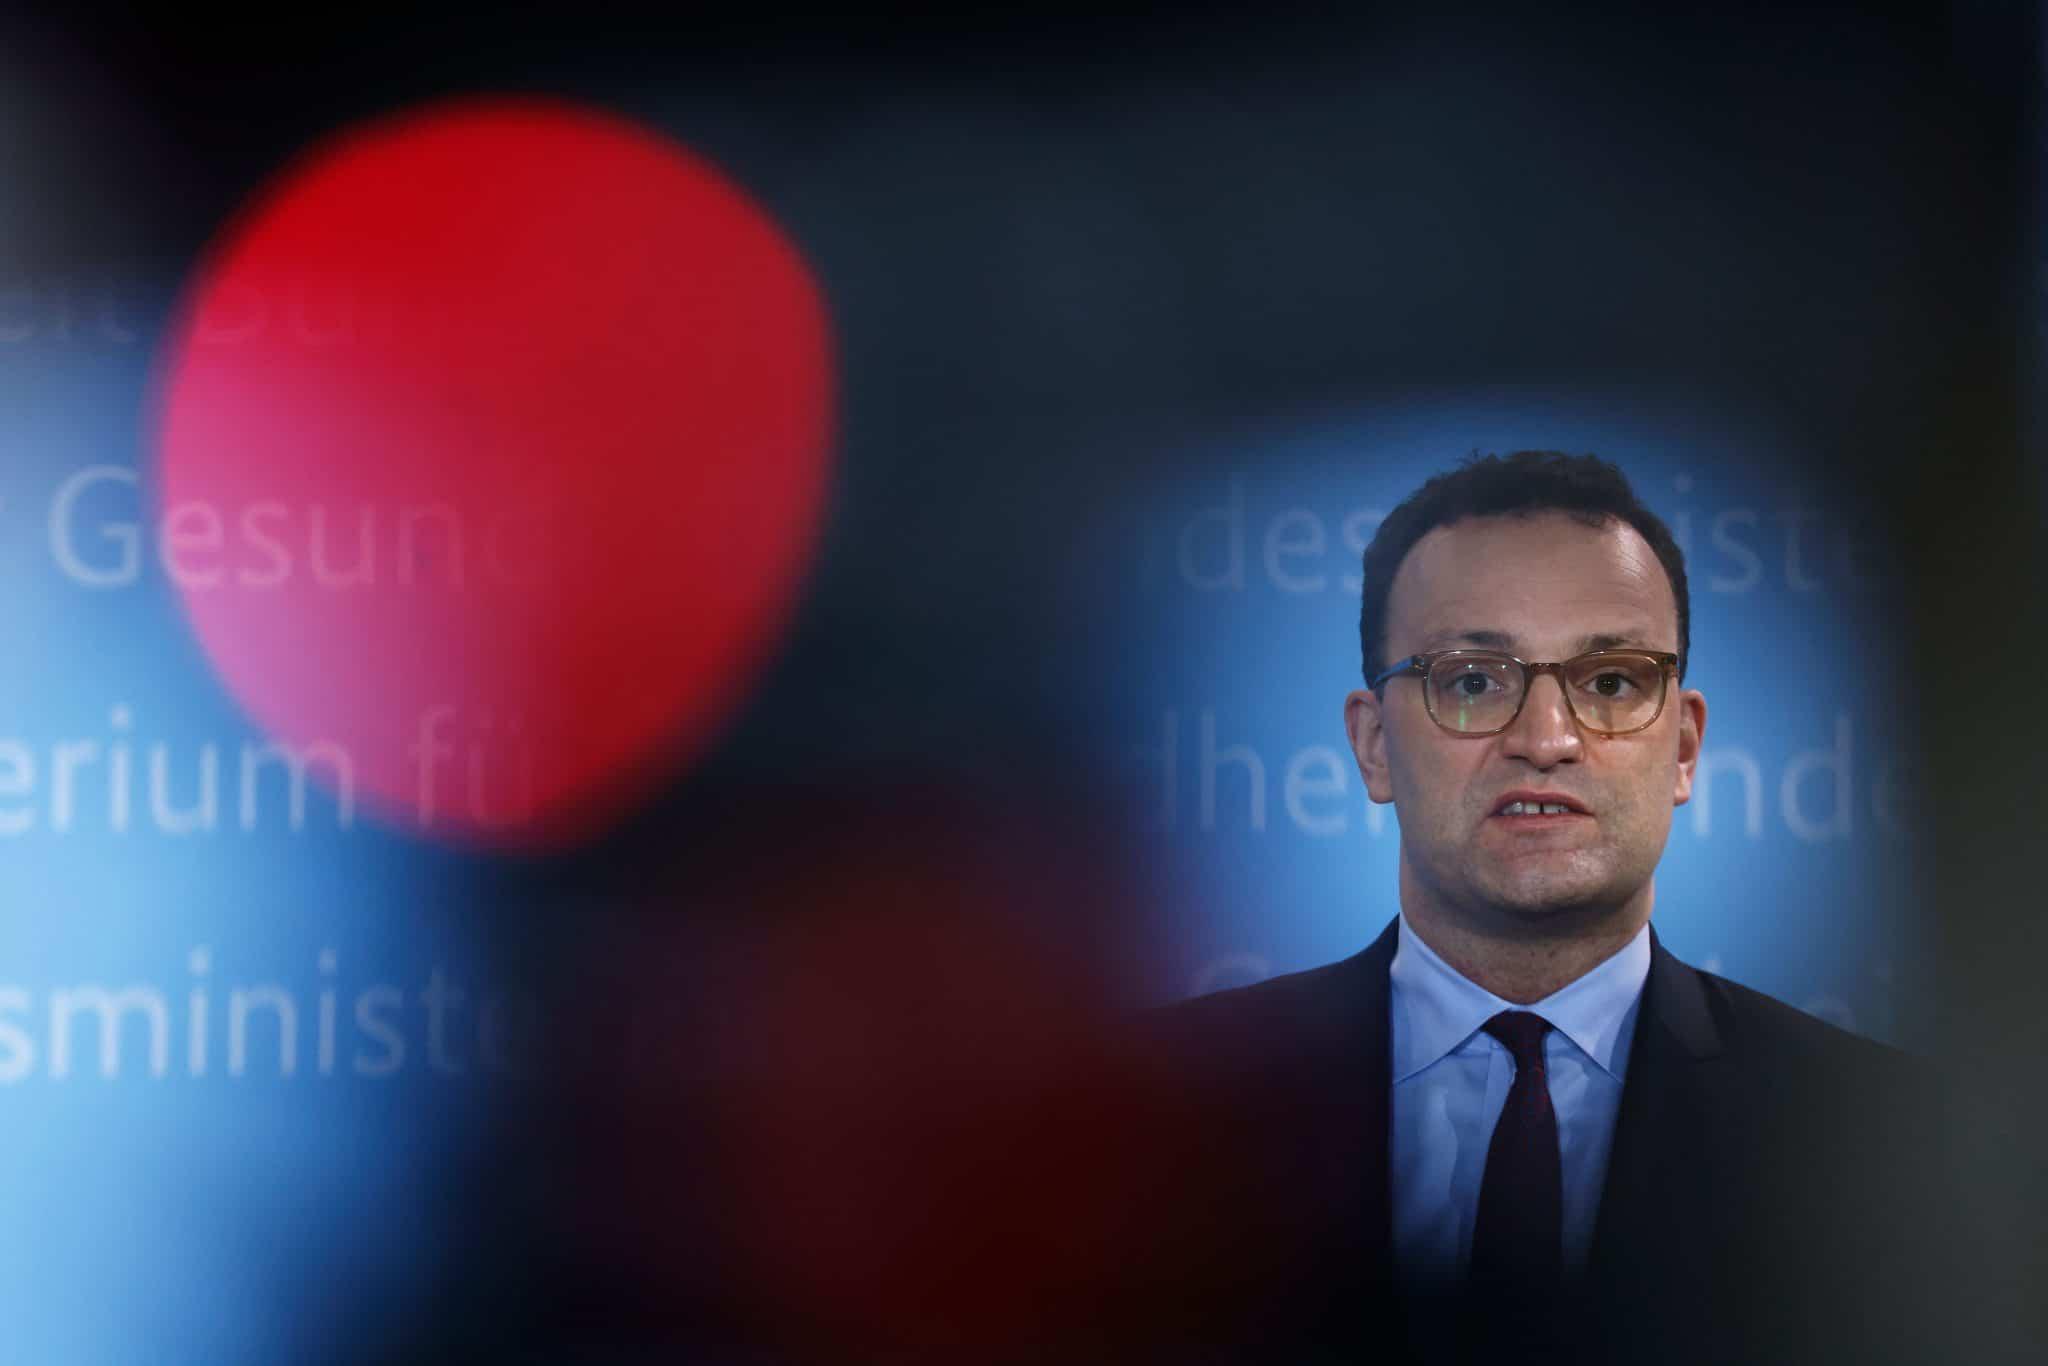 Jens Spahn Nemet Egeszsegugyi Miniszter Koronavirus Korlatozas Feloldasa